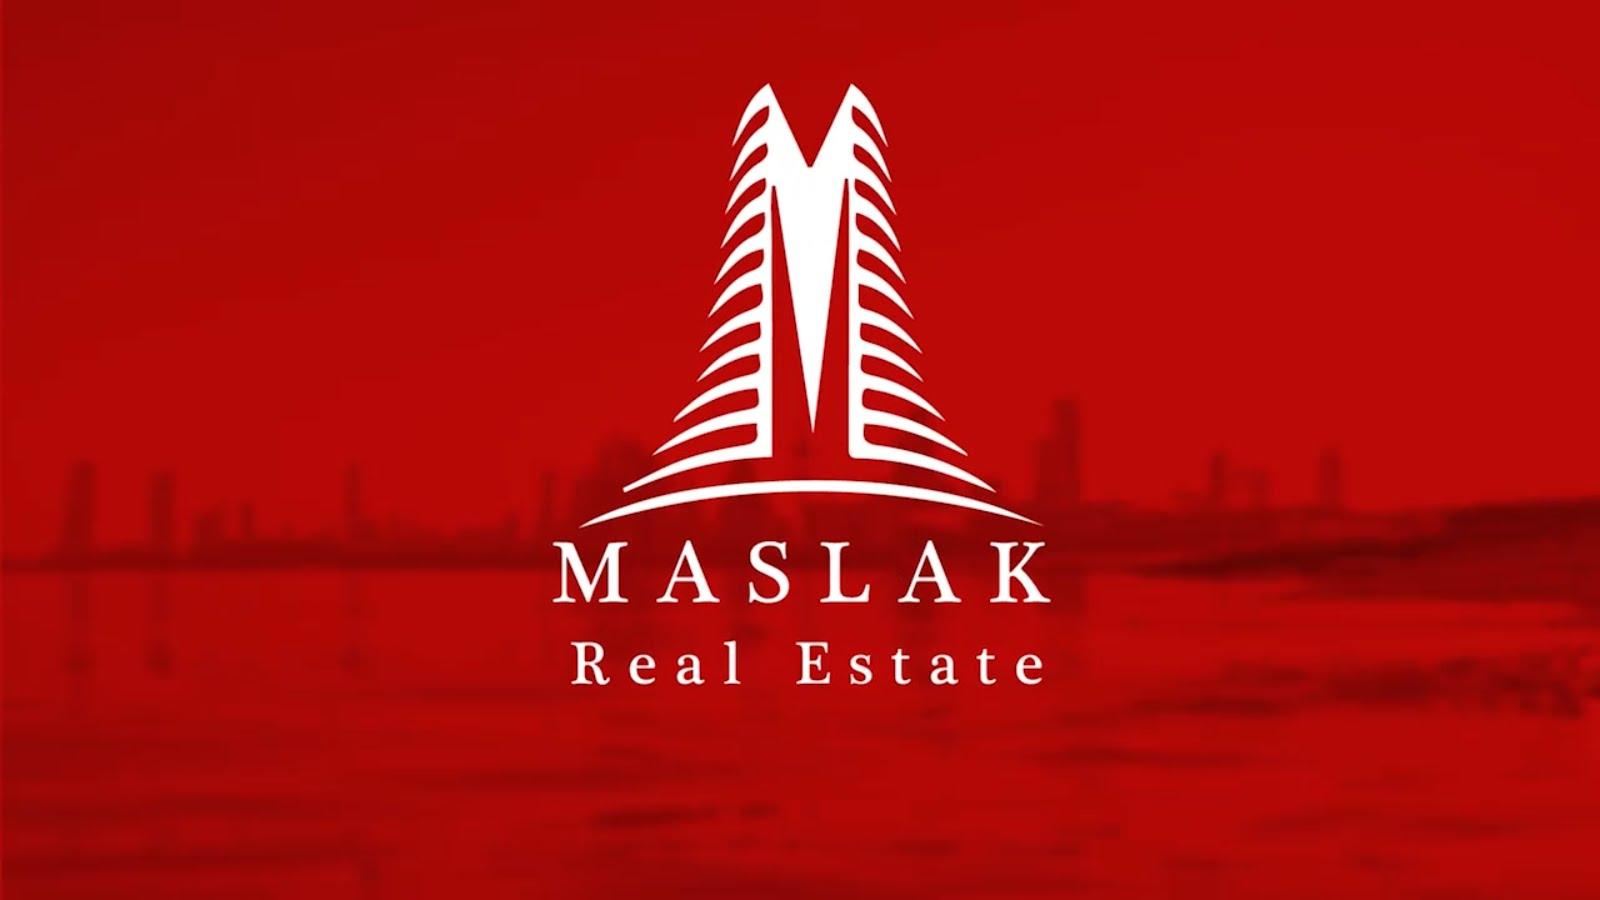 وظائف خالية فى شركة maslak فى الإمارات 2020